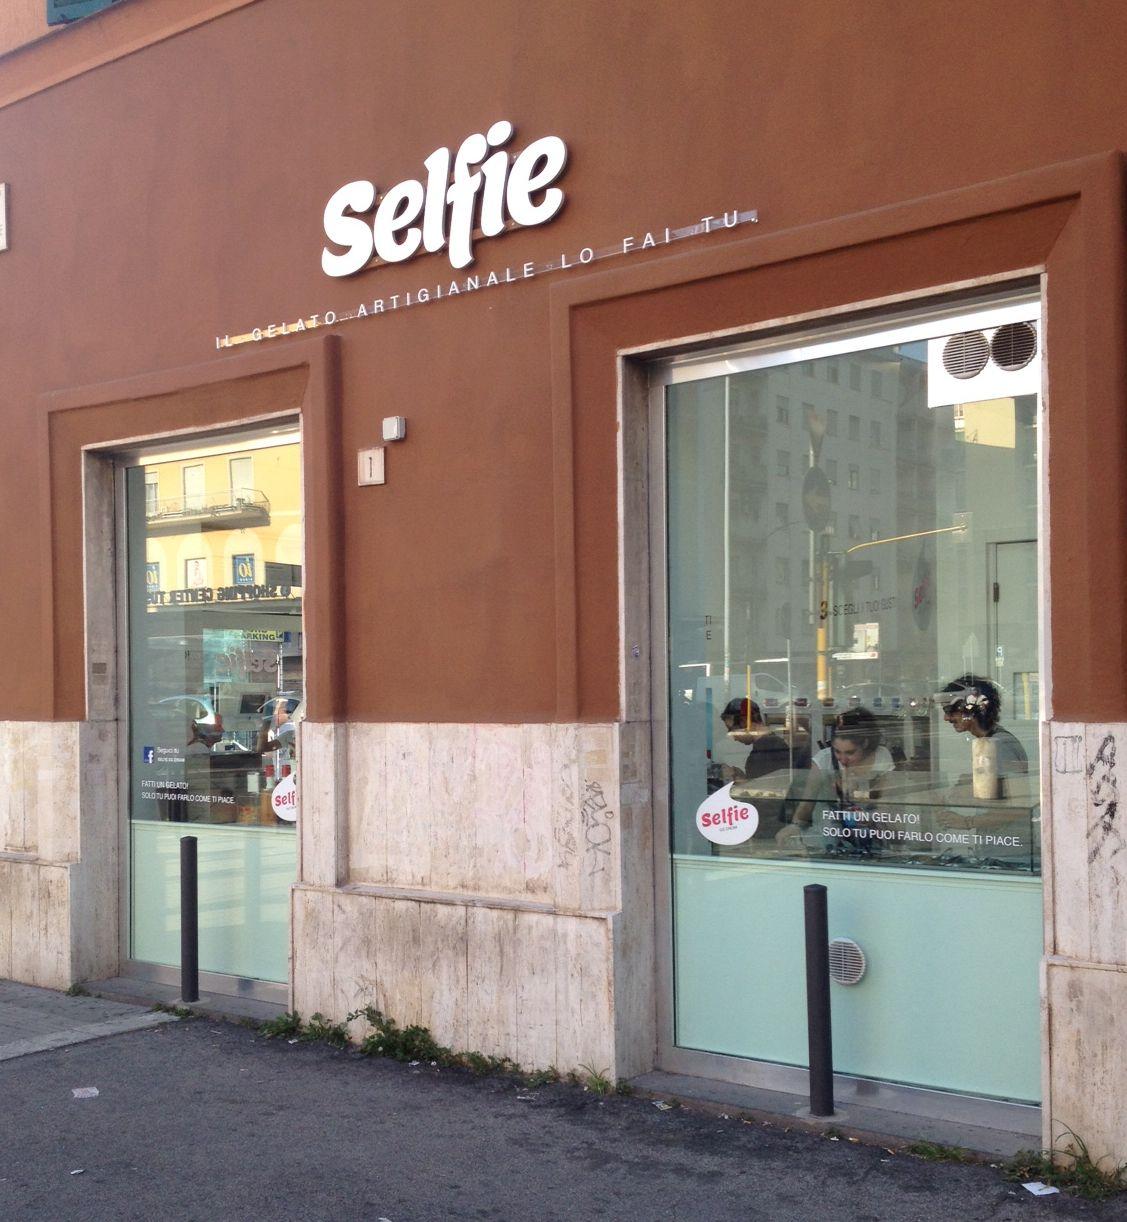 Selfie il gelato artigianale lo fai tu rome photo by